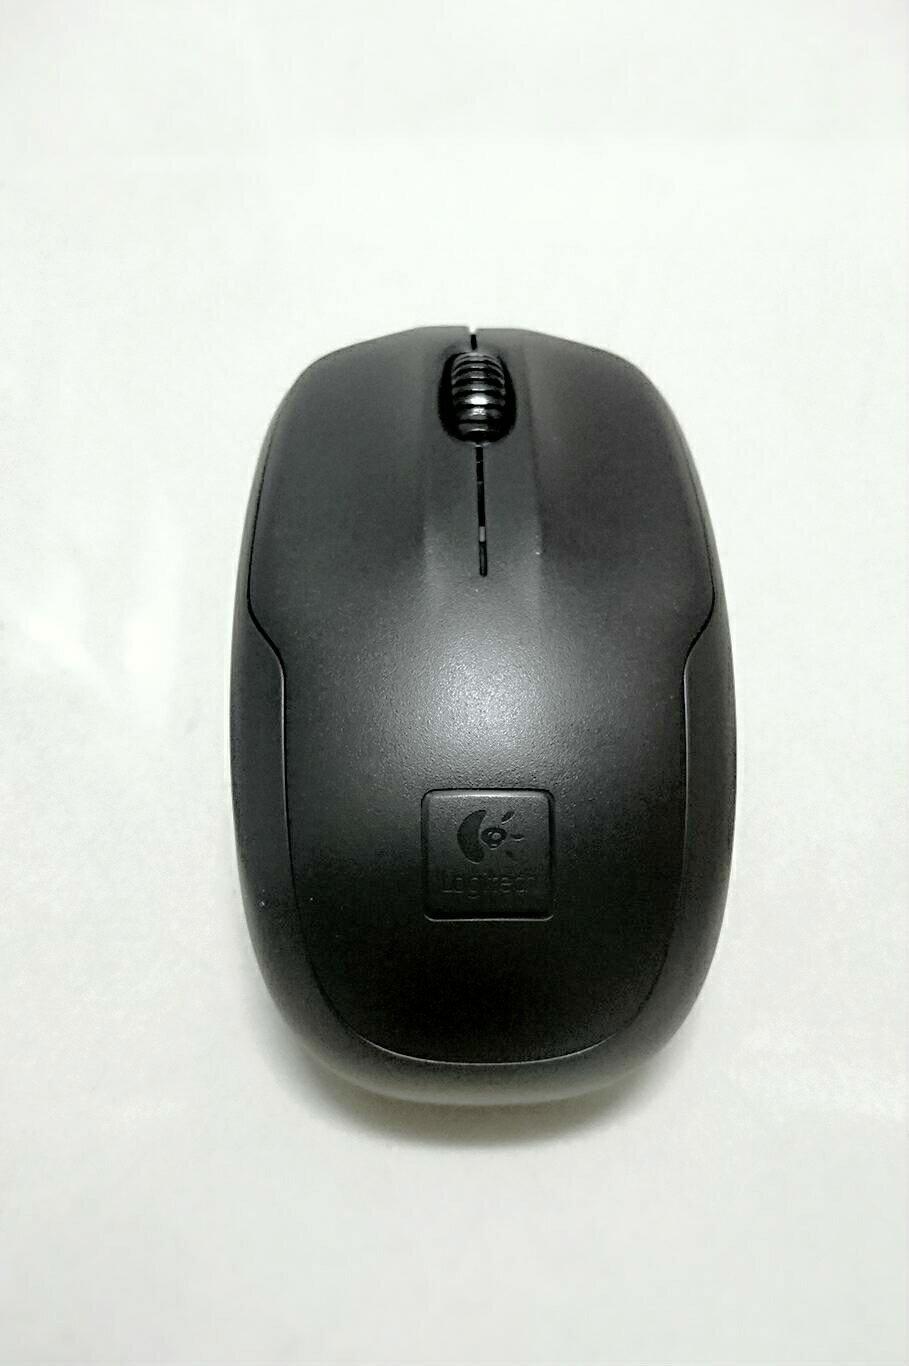 ❤含發票❤團購價❤第一品牌❤有注音❤羅技無線鍵盤滑鼠組❤電競滑鼠電競鍵盤❤桌上型電腦❤筆記型電腦❤LOL英雄聯盟mk220 5